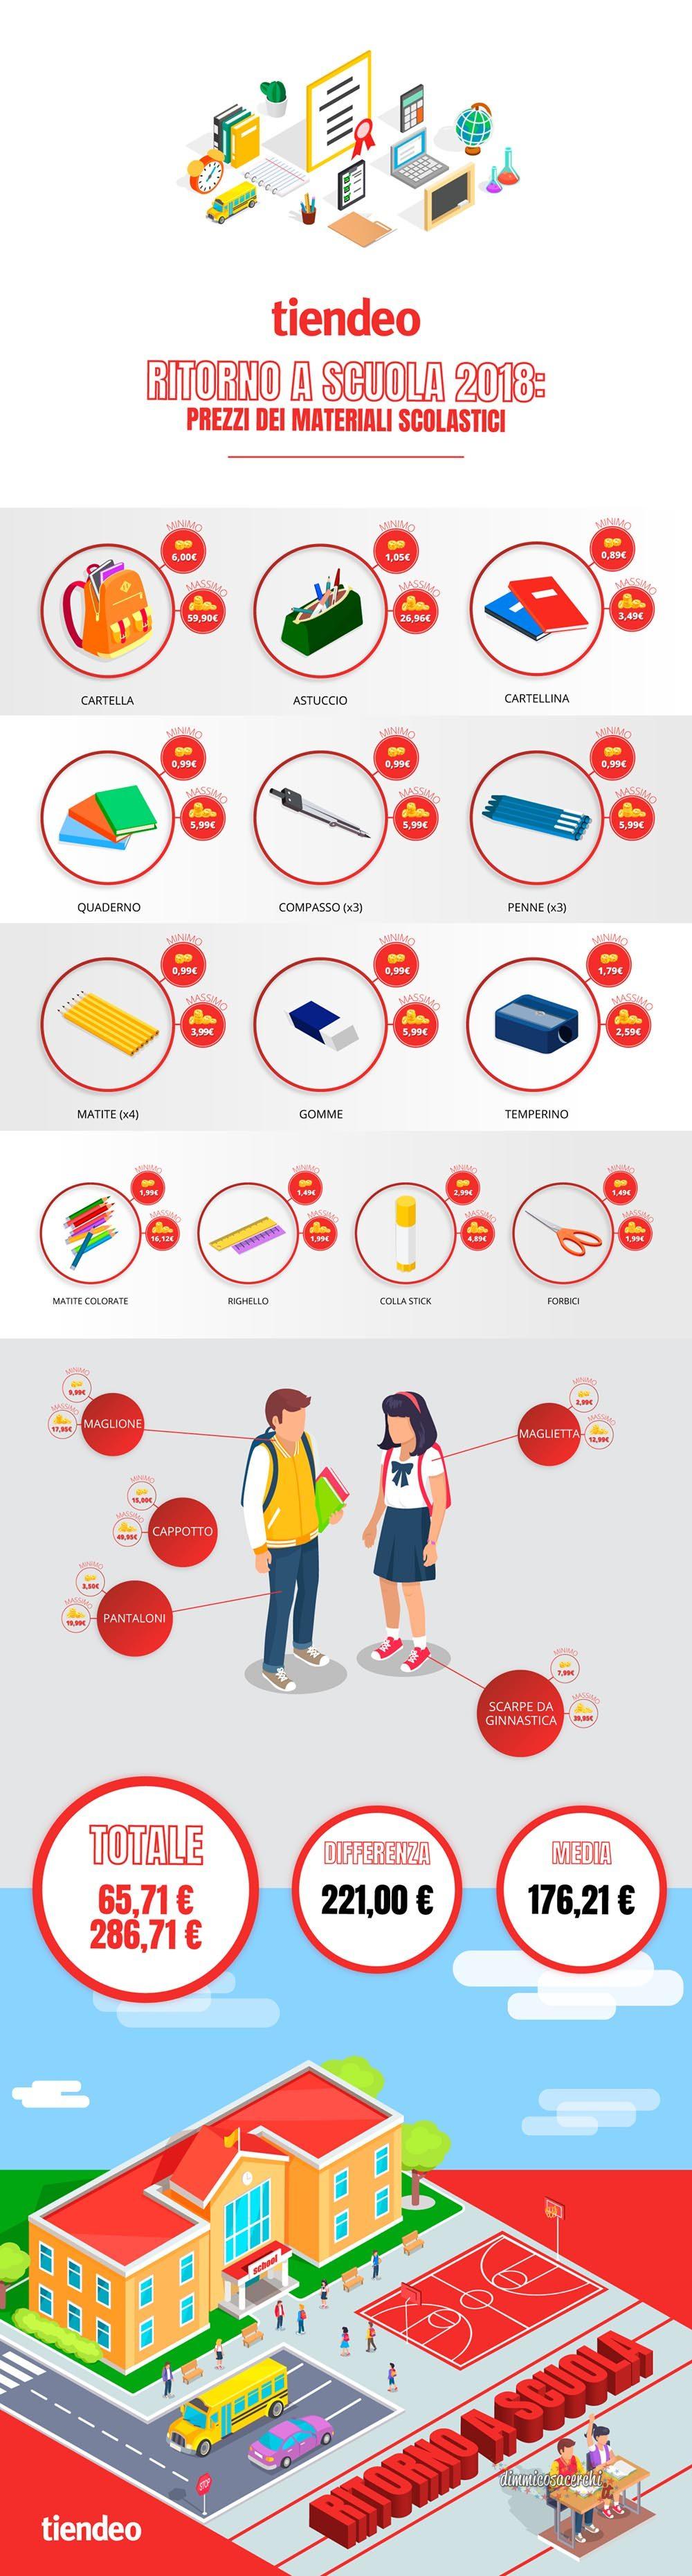 Spese scolastiche prezzi 2018